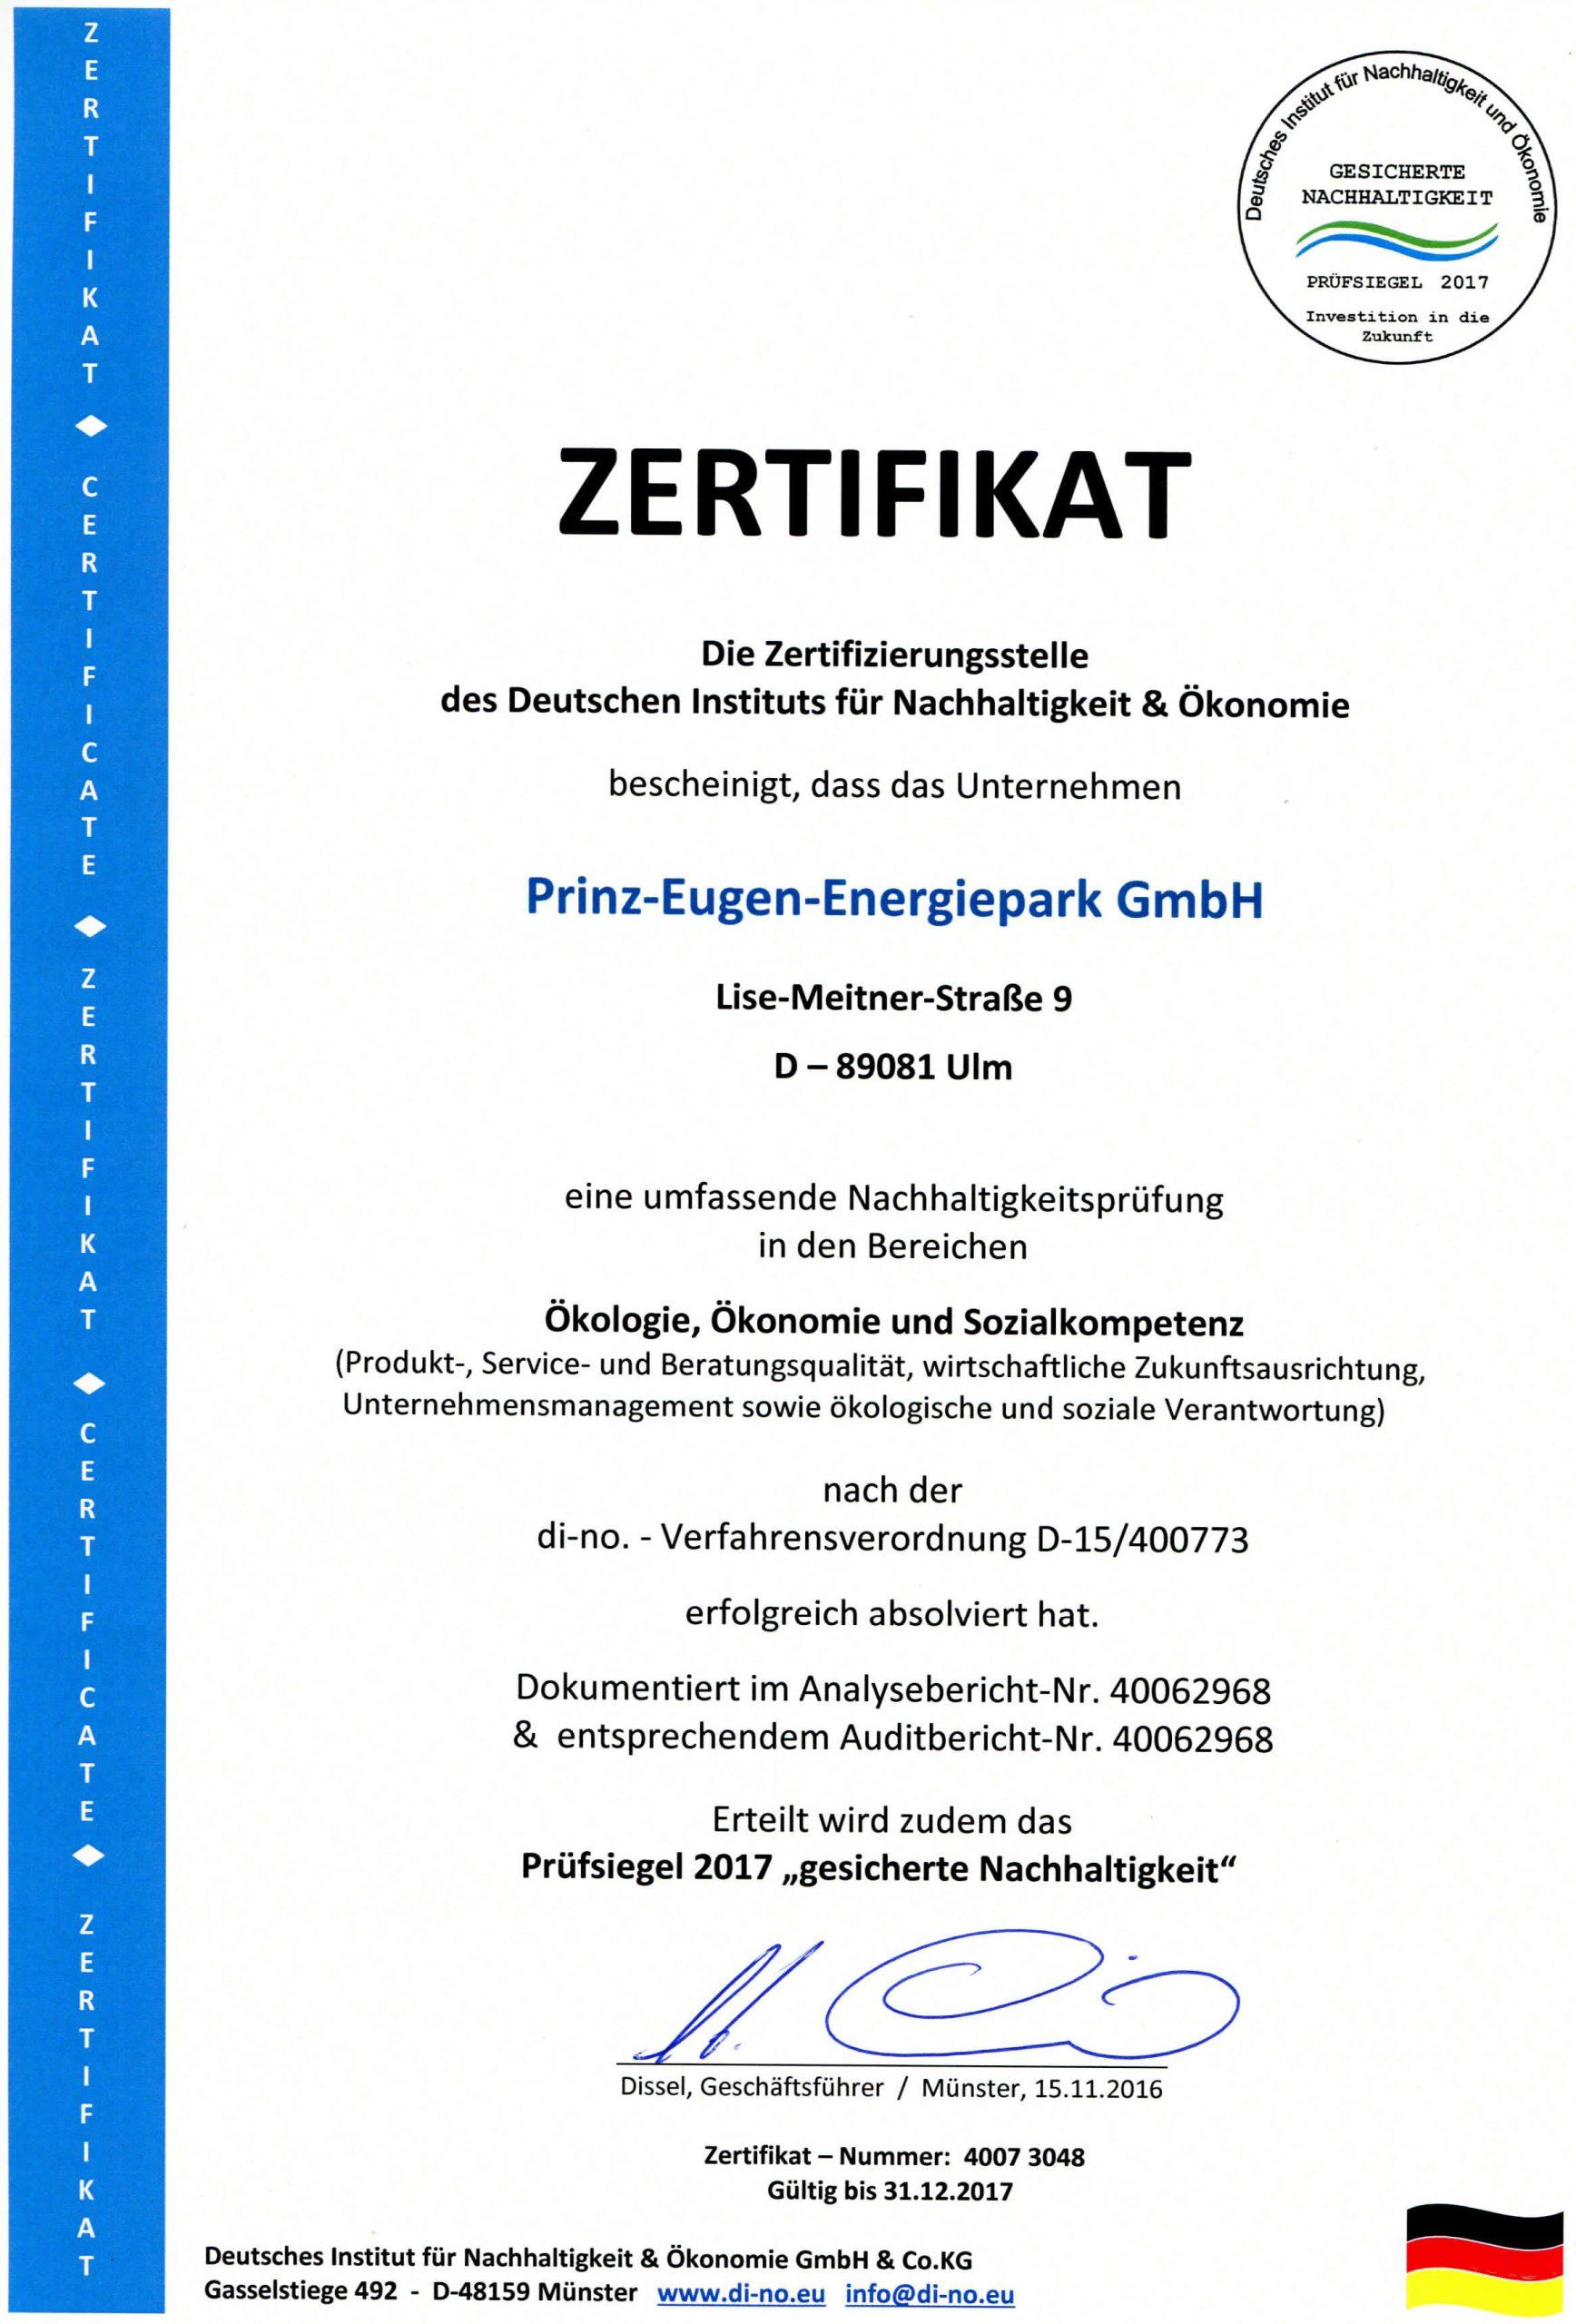 Zertifikat für Ökologie, Ökonomie und Sozialkompetenz für Prinz-Eugen-Energiepark 2017